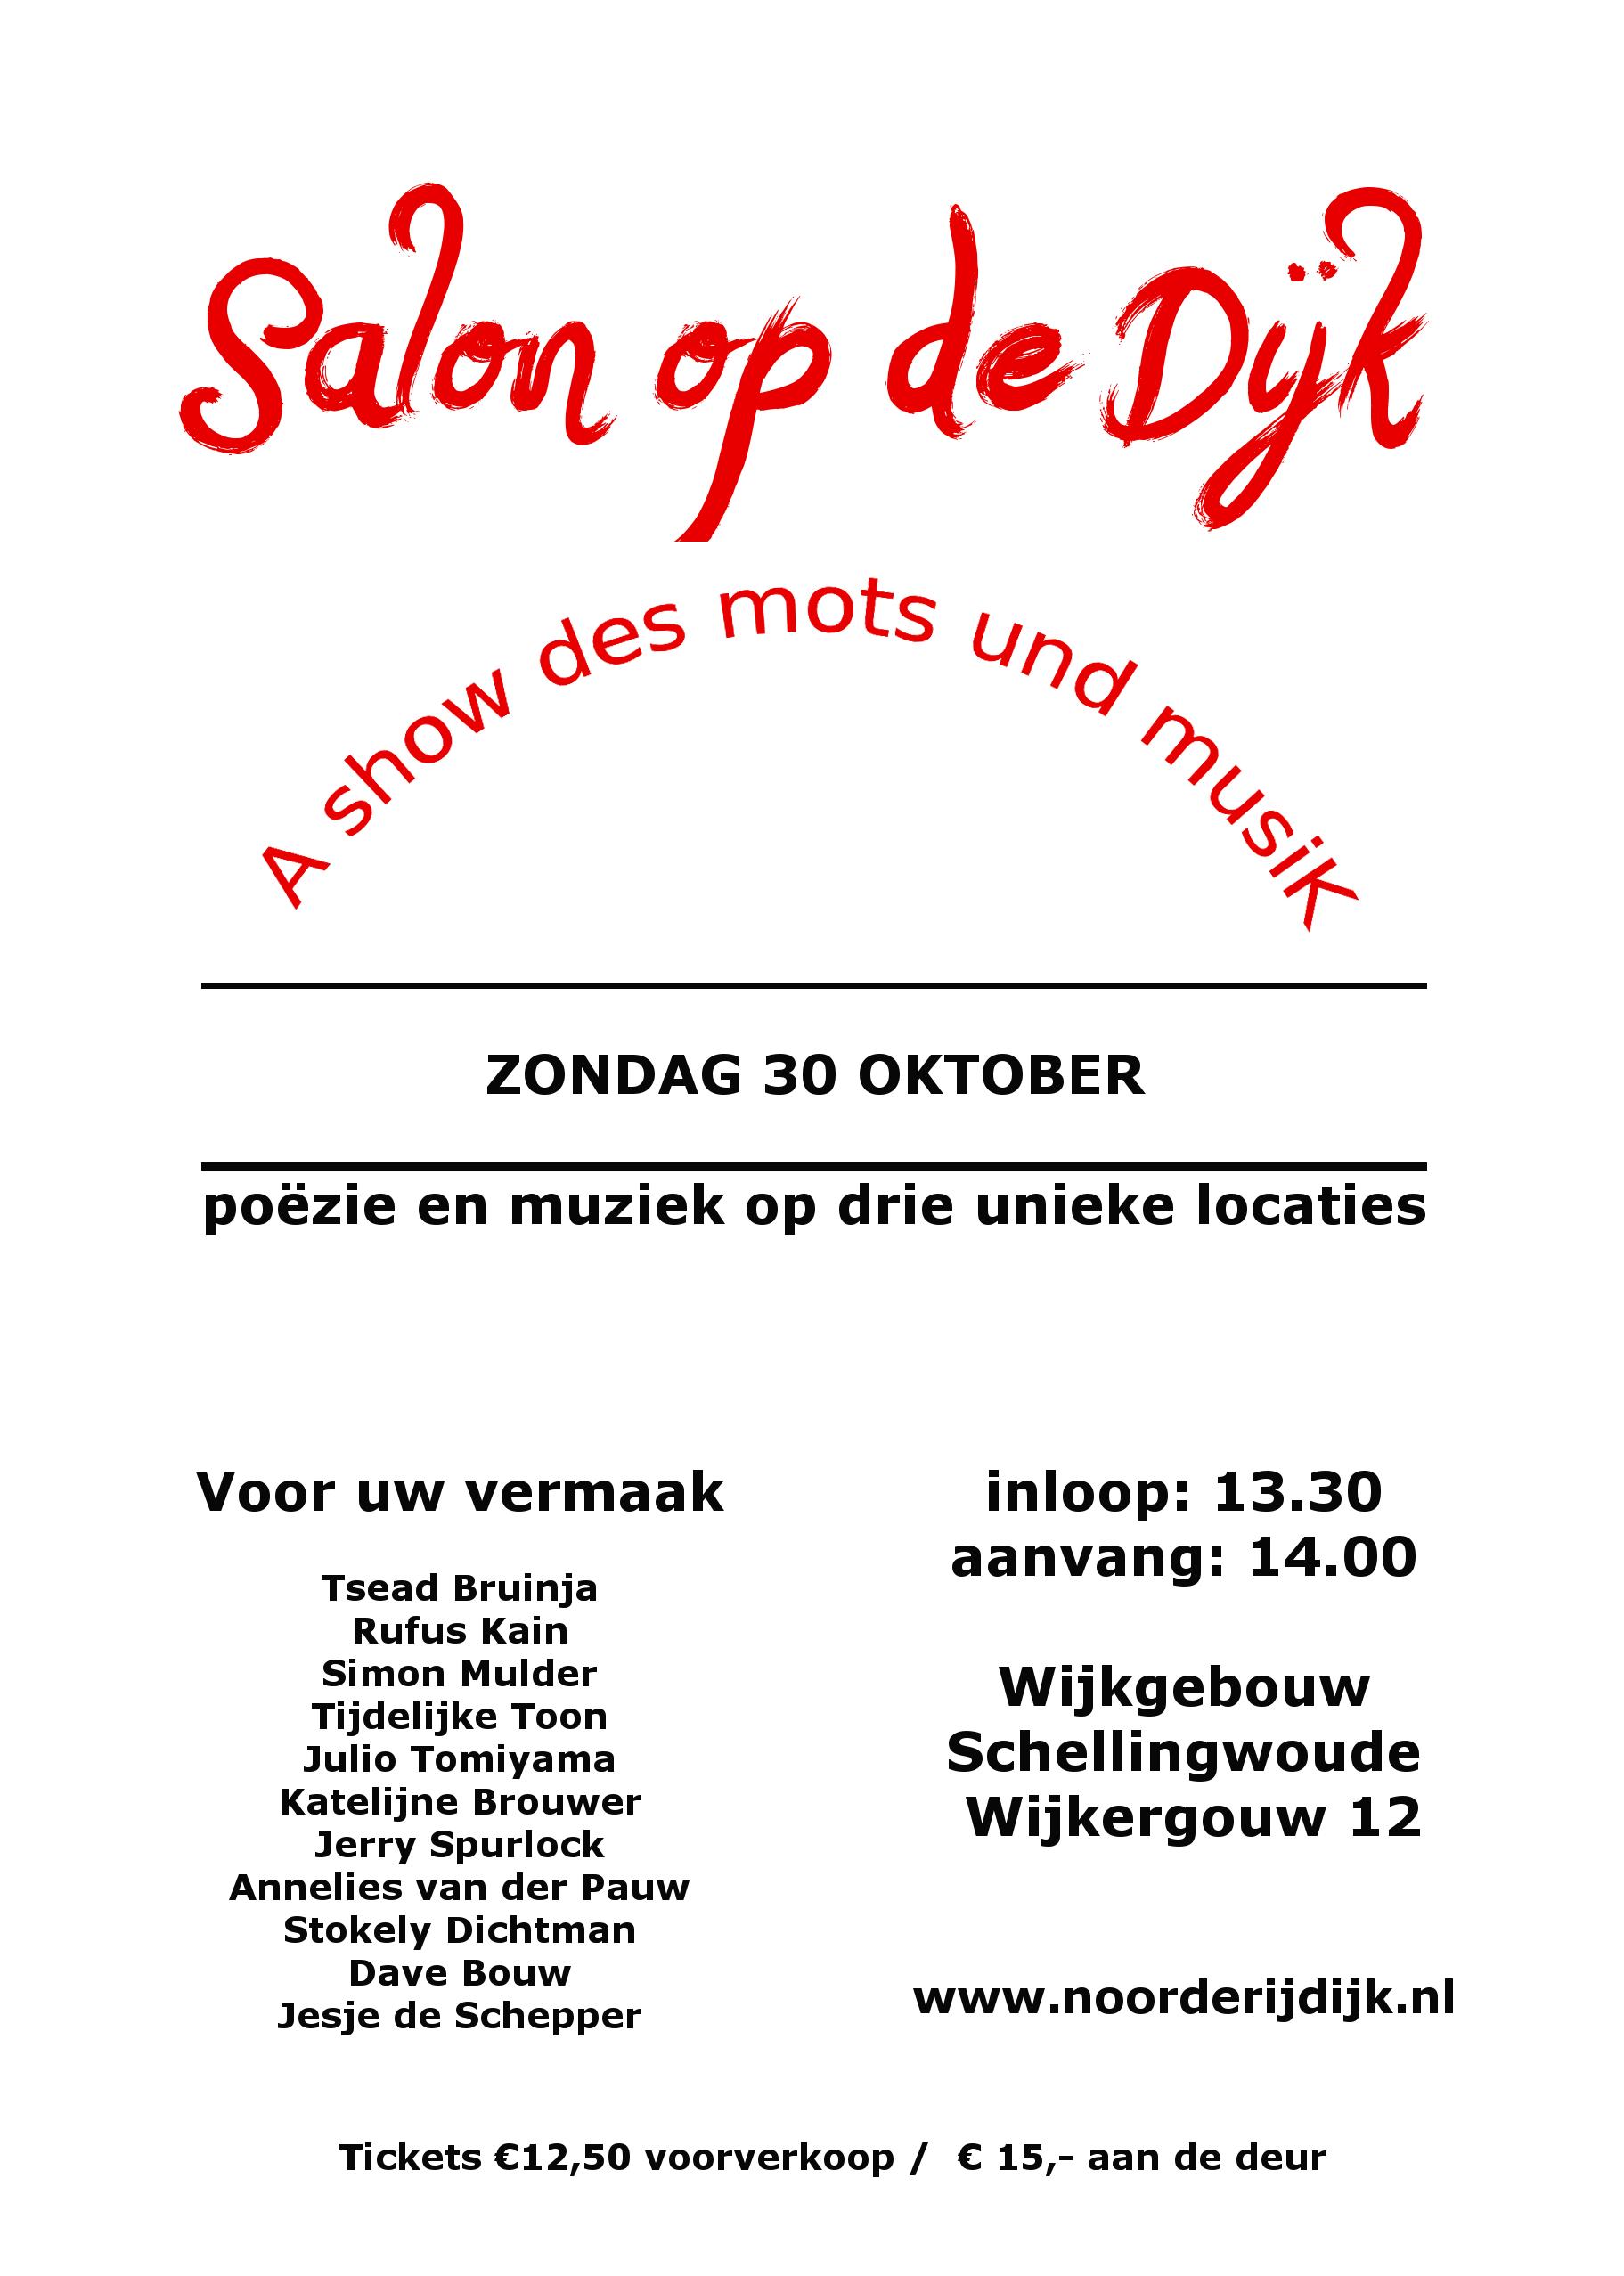 salon-op-de-dijk-2016-2